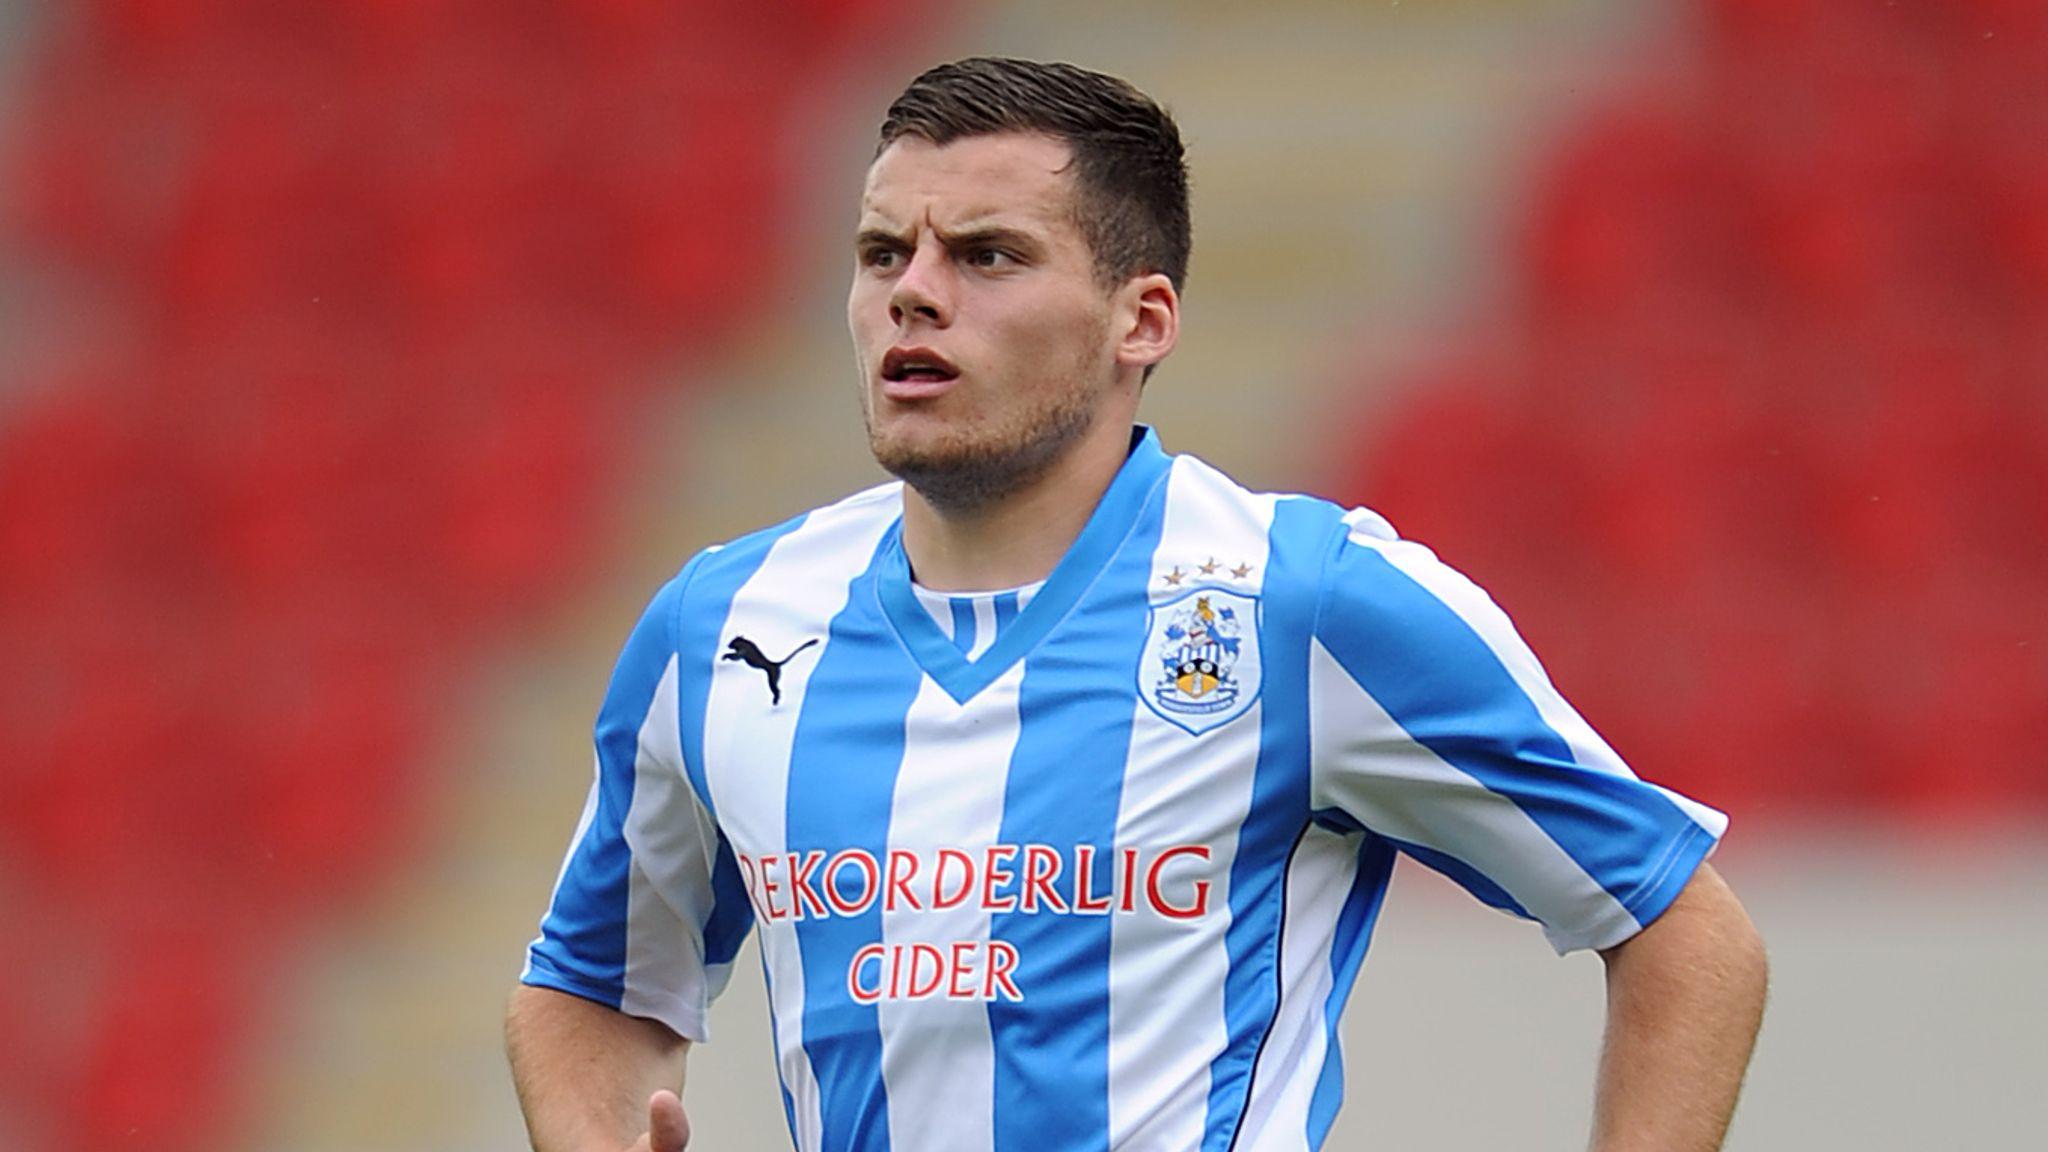 Jordan Sinnott: Footballer dies in hospital after being found with fractured skull